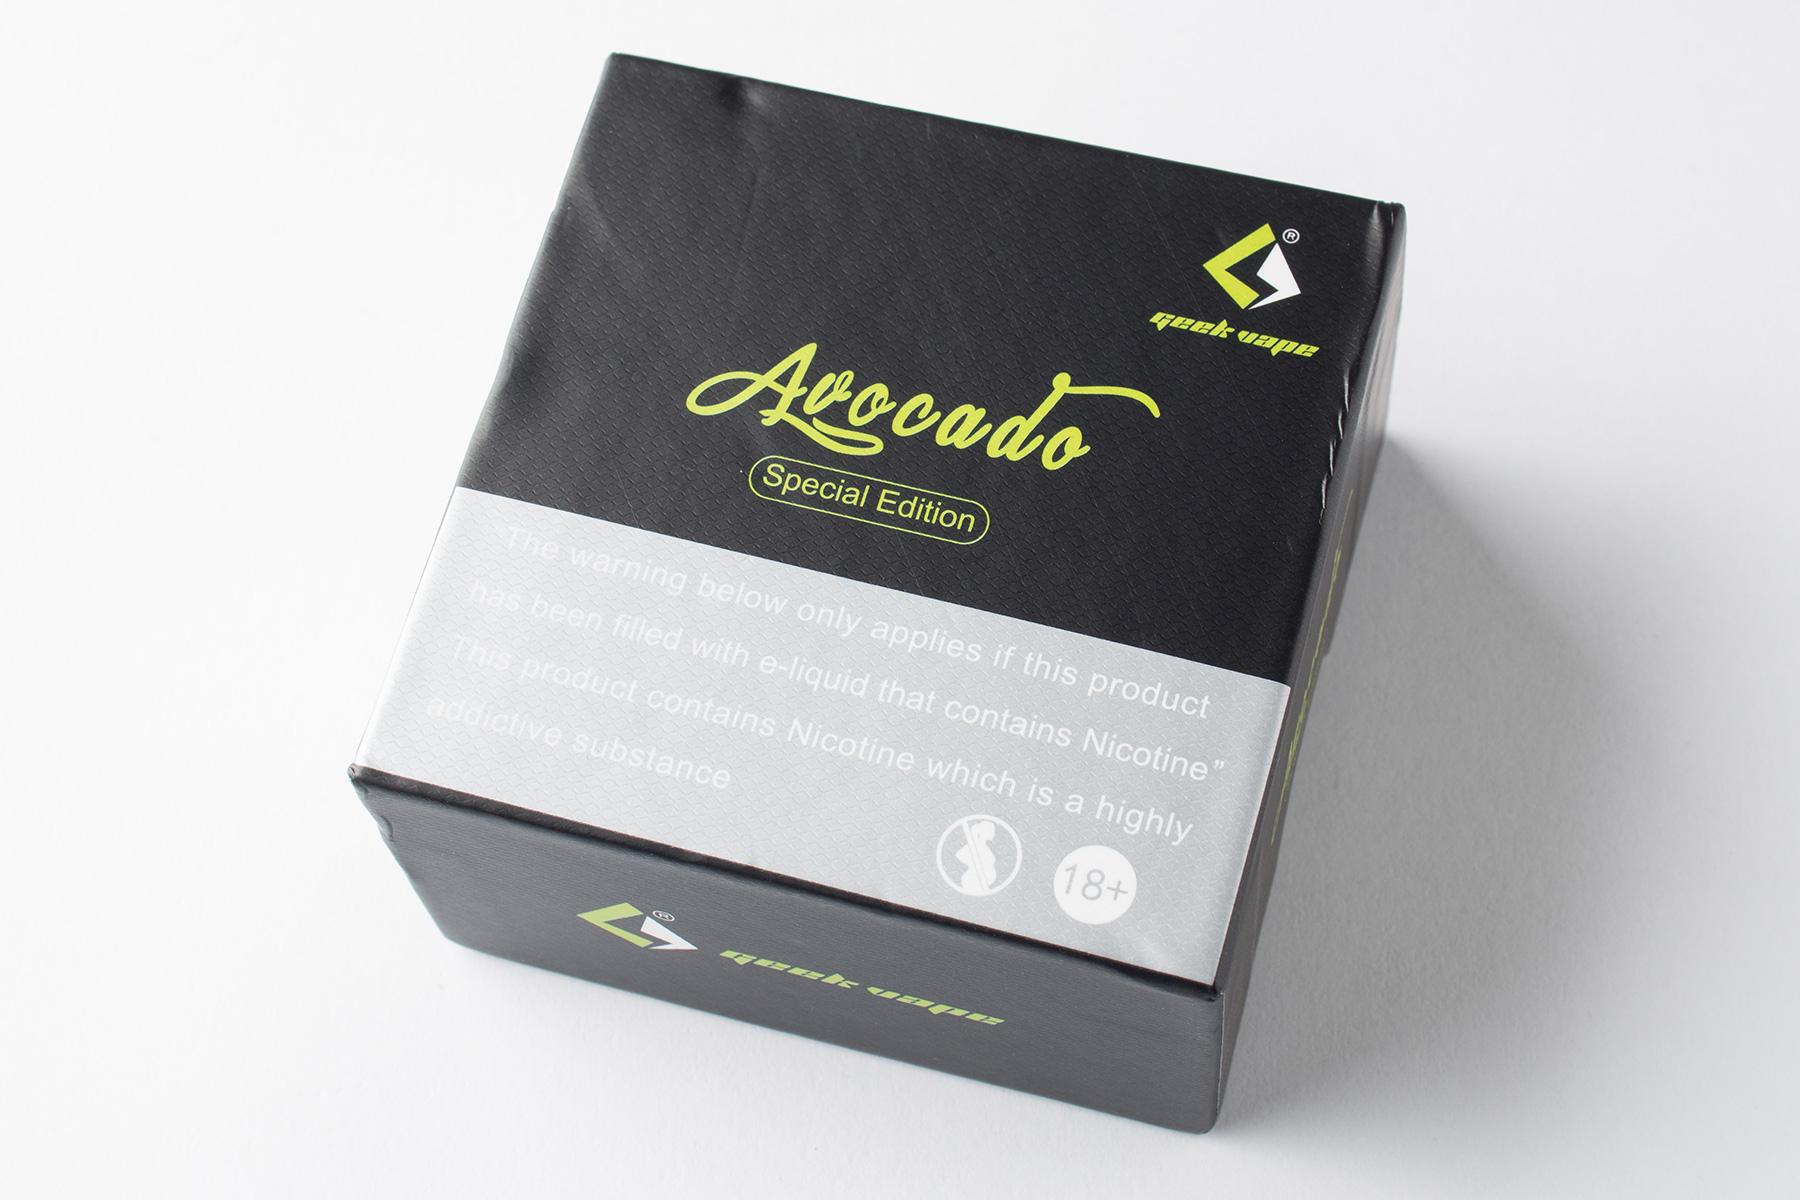 【アトマイザー】Avocado 22 Special Edition「アボカド22スペシャルエディション」 (GeekVape ギークベイプ) レビュー